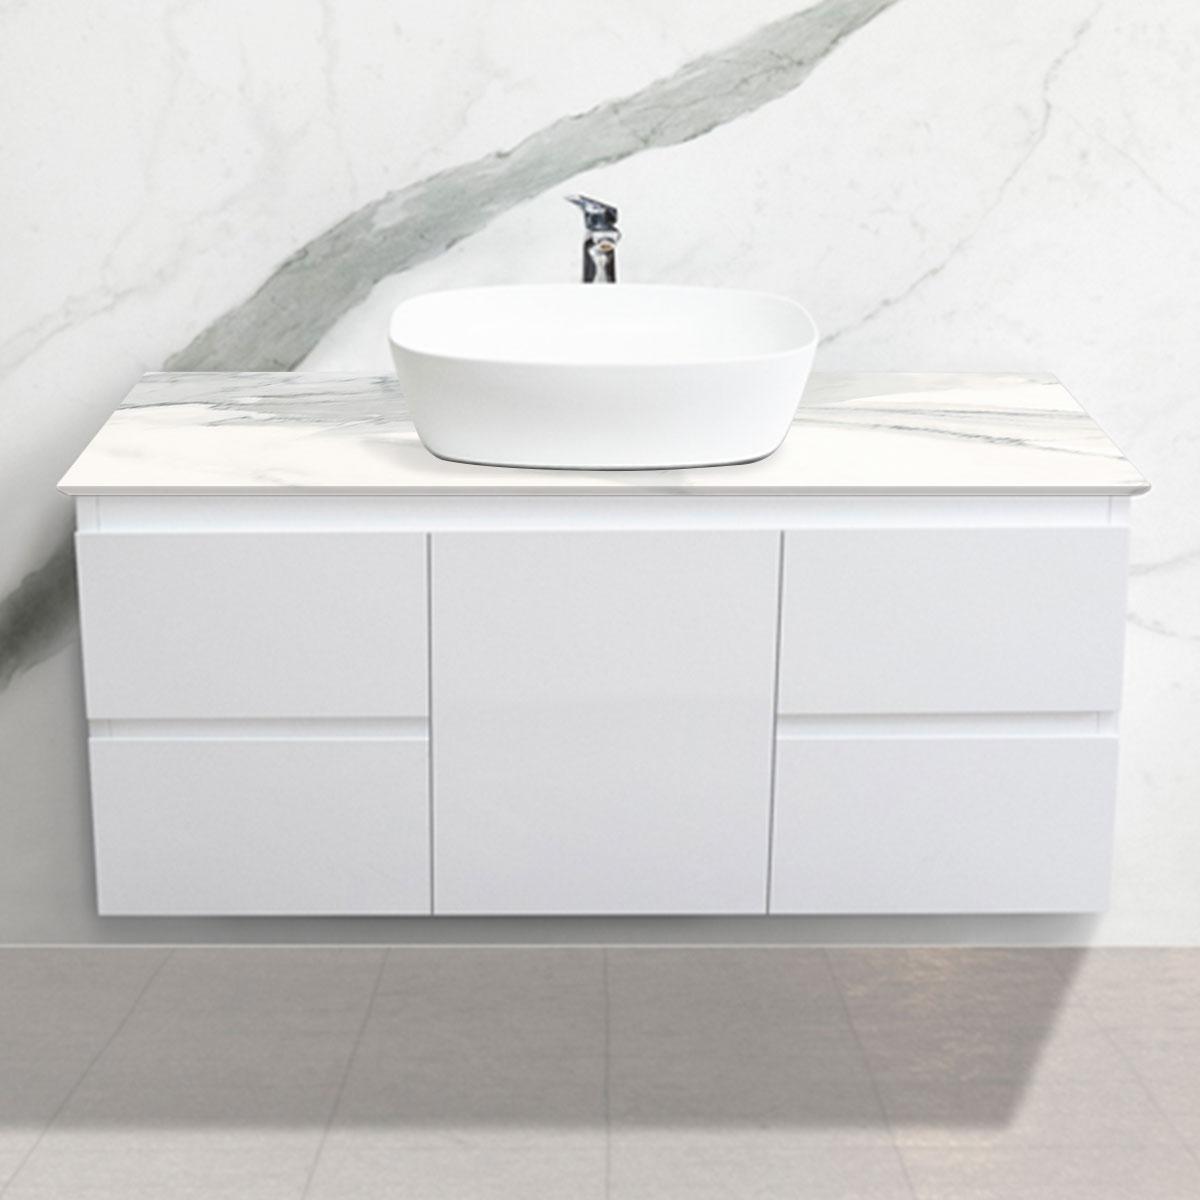 Cabinet - Vanity- 1 Door + 4 Drawers - Absolute - Stone3 Brisbane